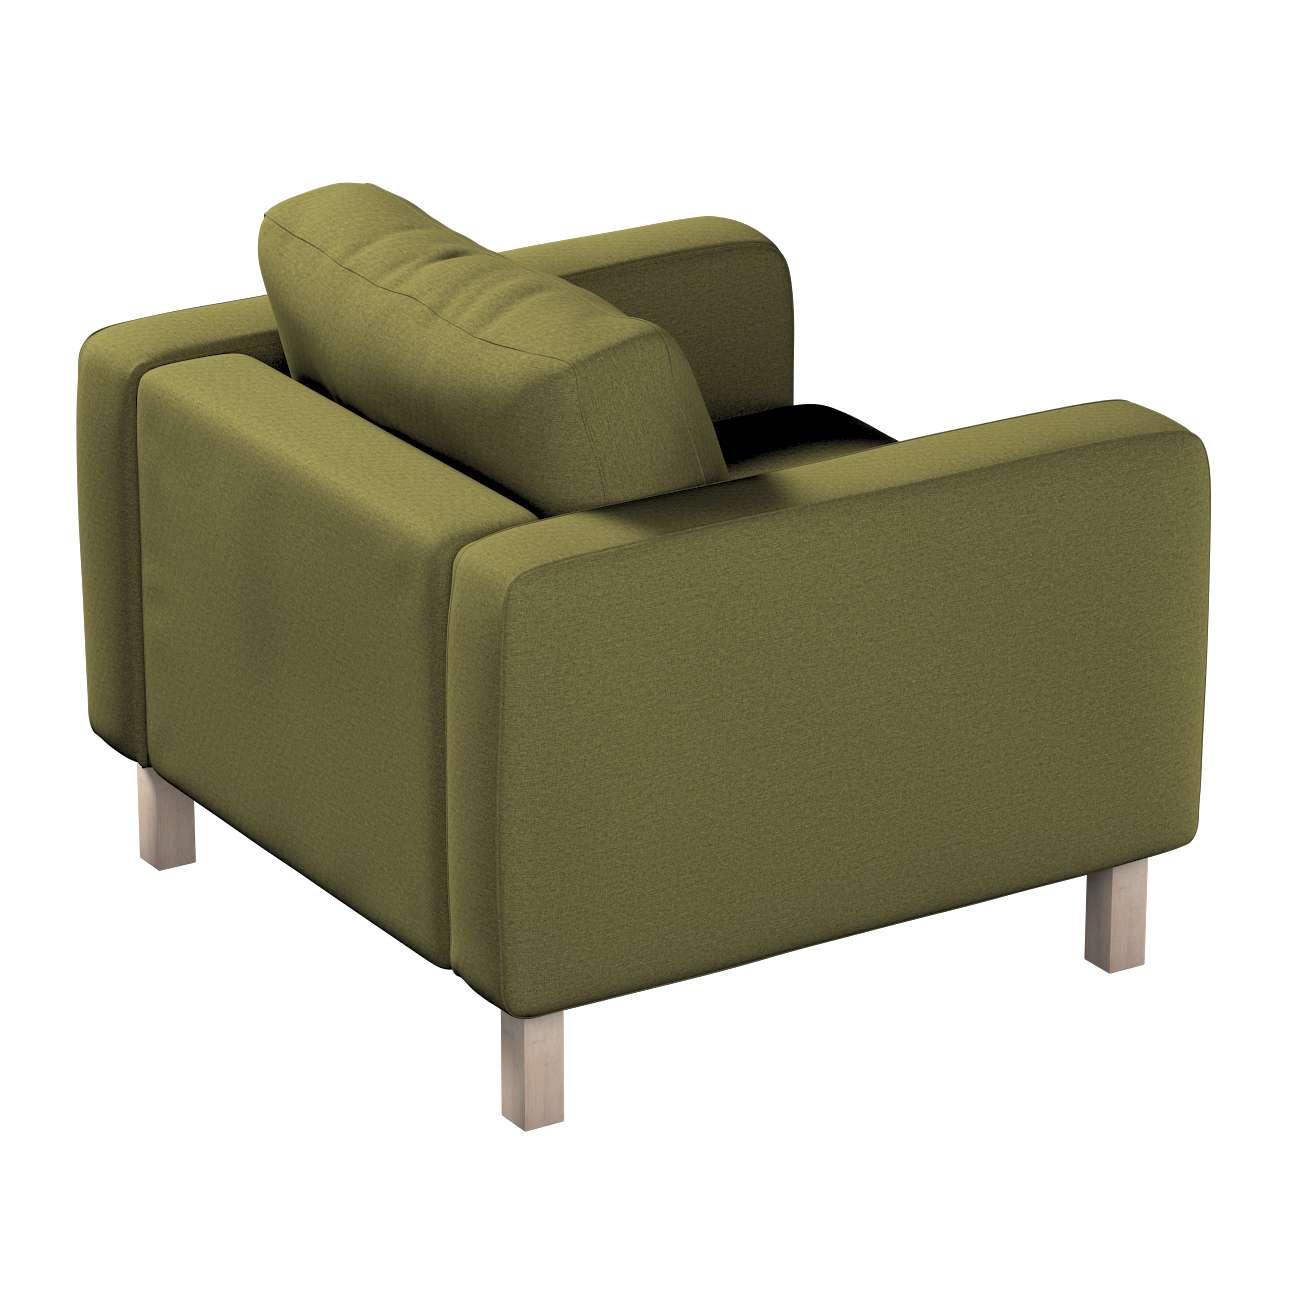 Pokrowiec na fotel Karlstad, krótki w kolekcji Etna, tkanina: 161-26